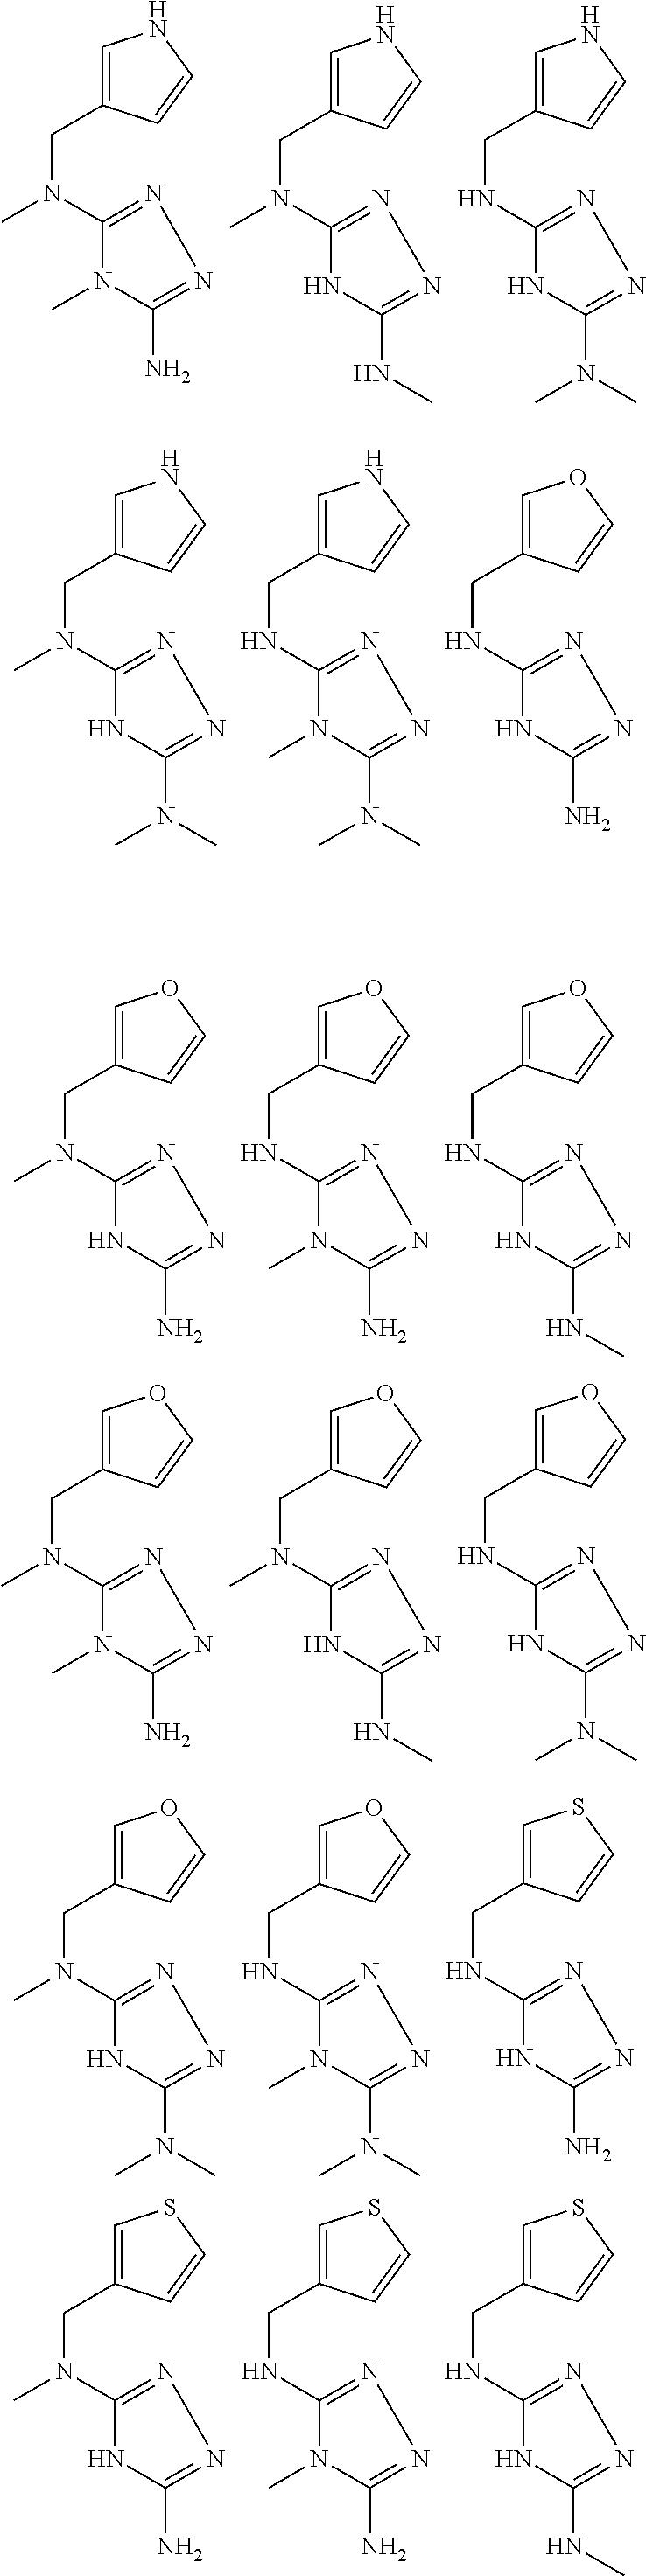 Figure US09480663-20161101-C00079